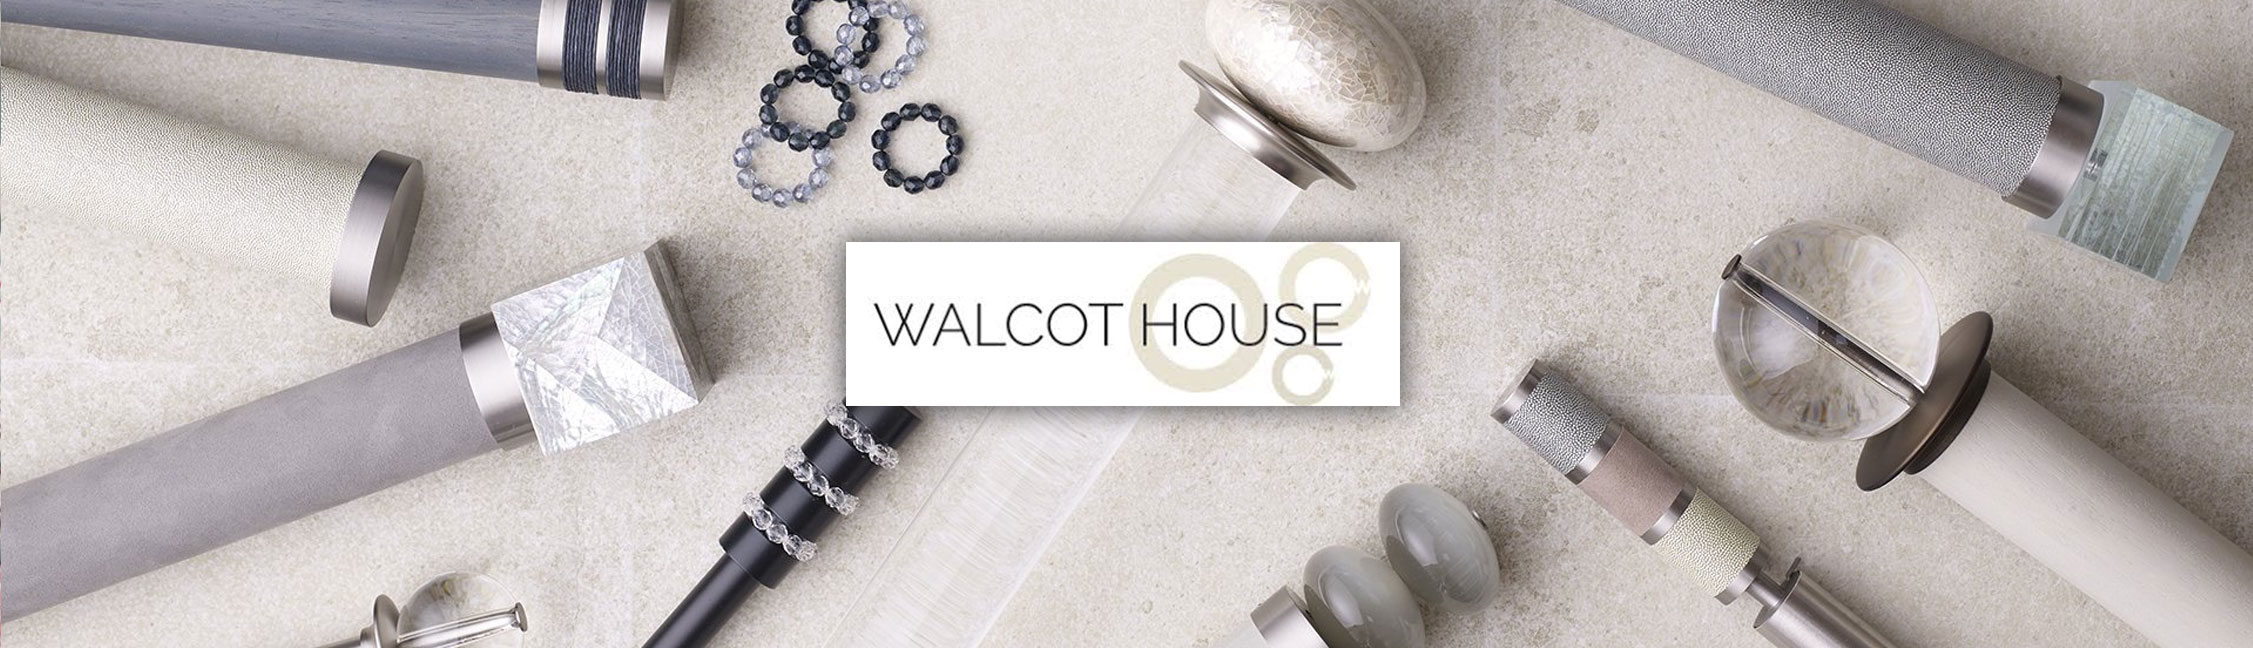 walcothouse